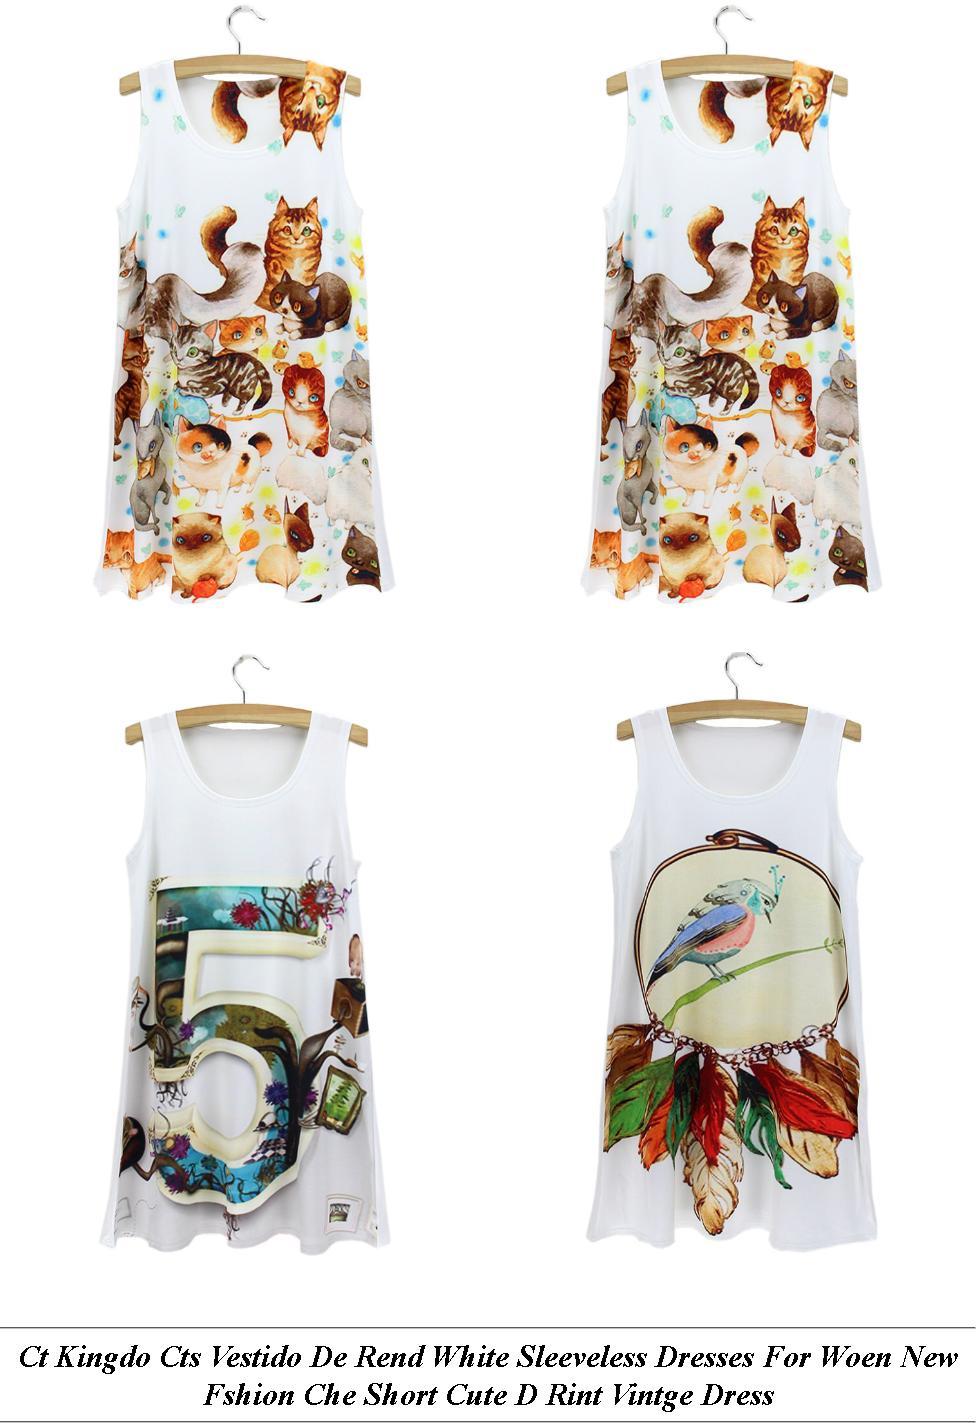 Plus Size Formal Dresses - Sale Shop Online - Shift Dress - Cheap Trendy Clothes